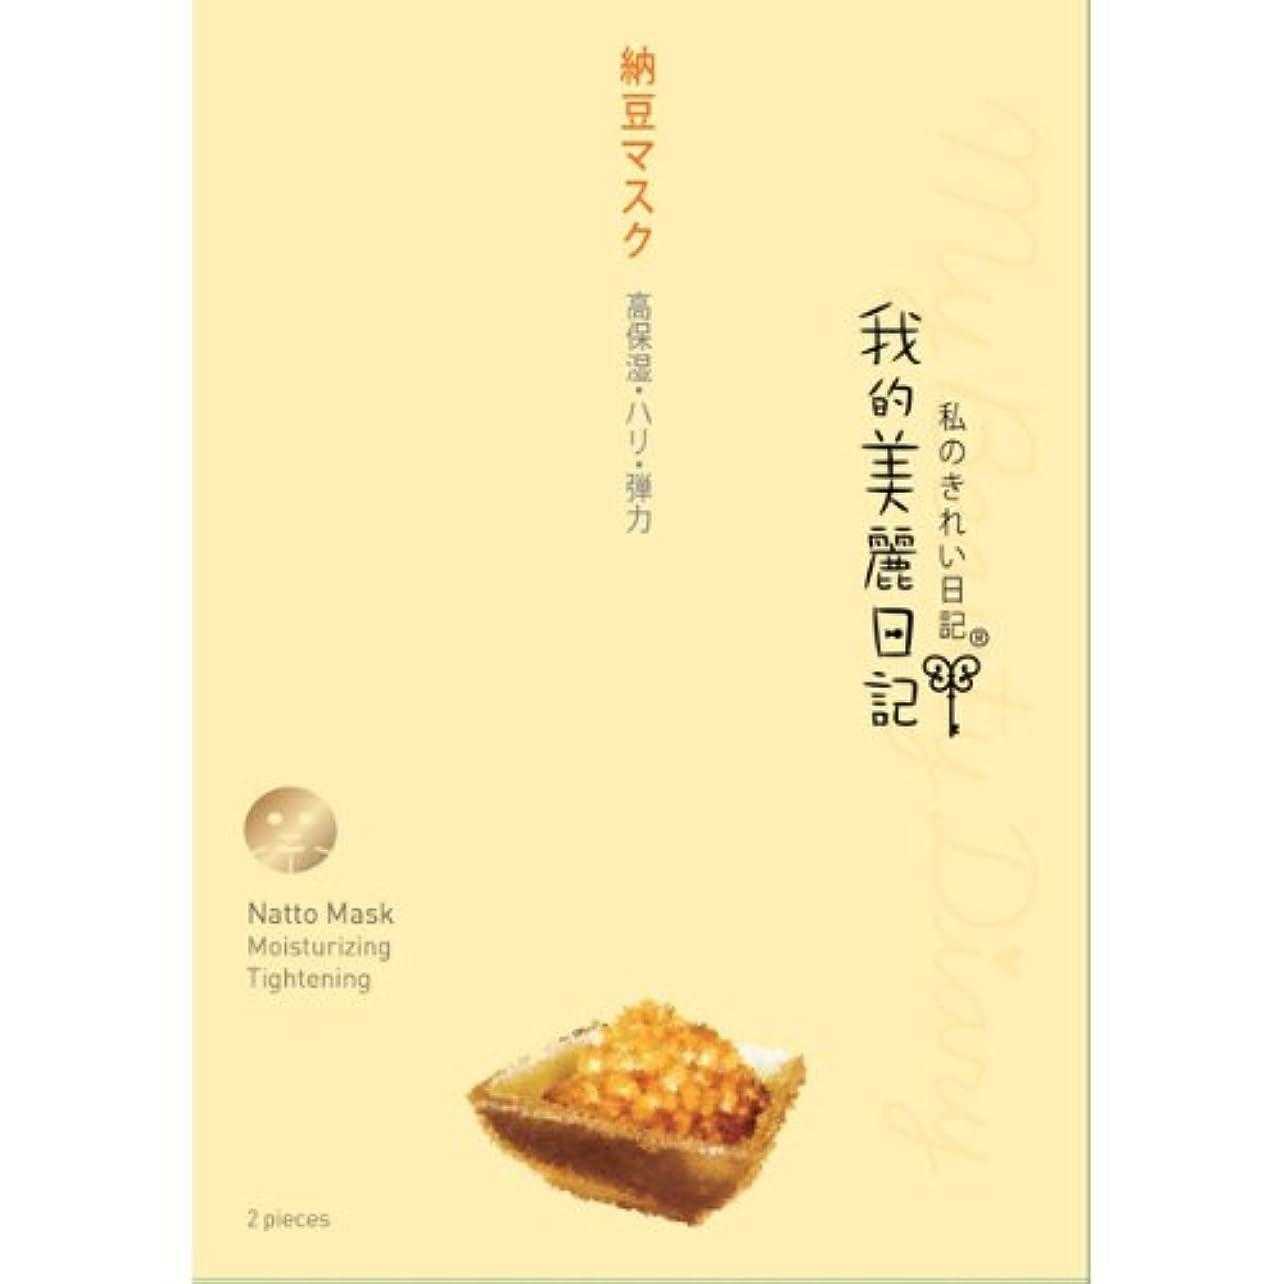 城無関心不器用我的美麗日記 私のきれい日記 納豆マスク 23ml×2枚